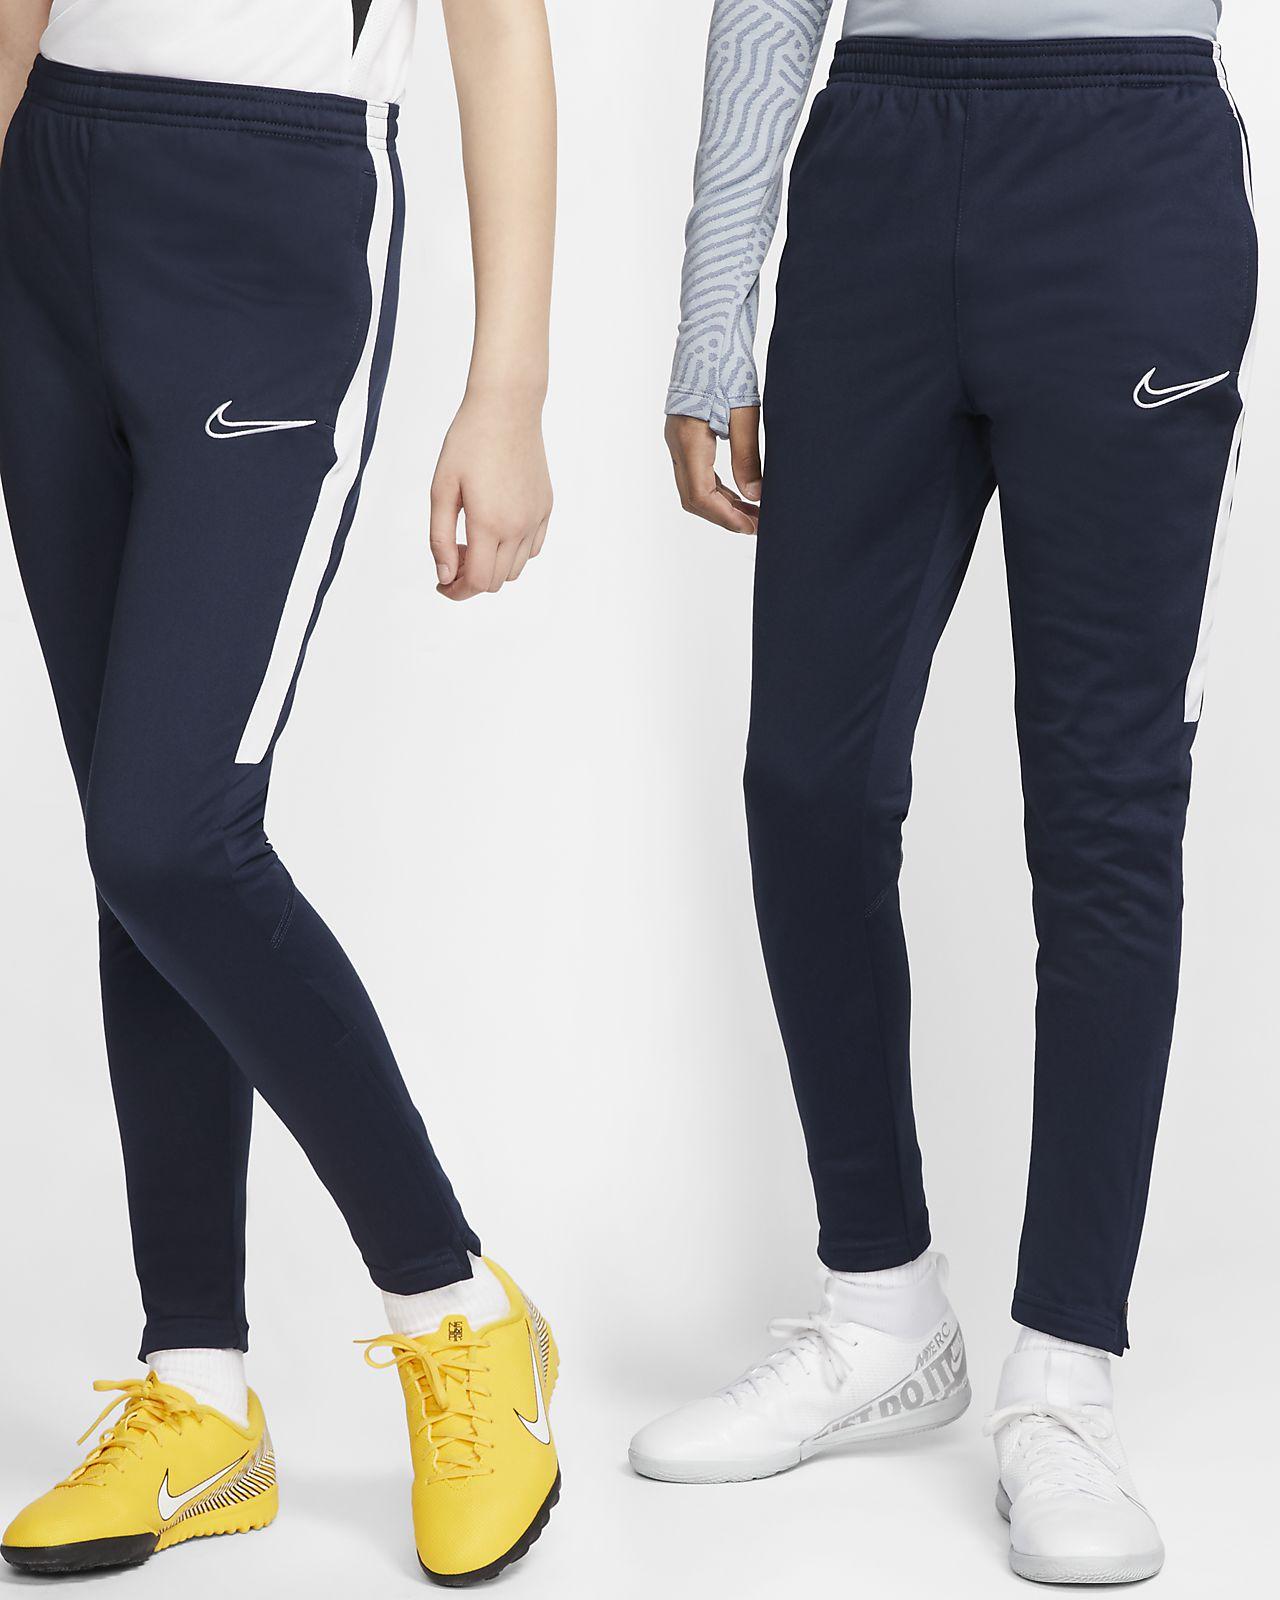 Pantaloni Tuta Allenamento Nike Academy Uomo tasche con zip Nero